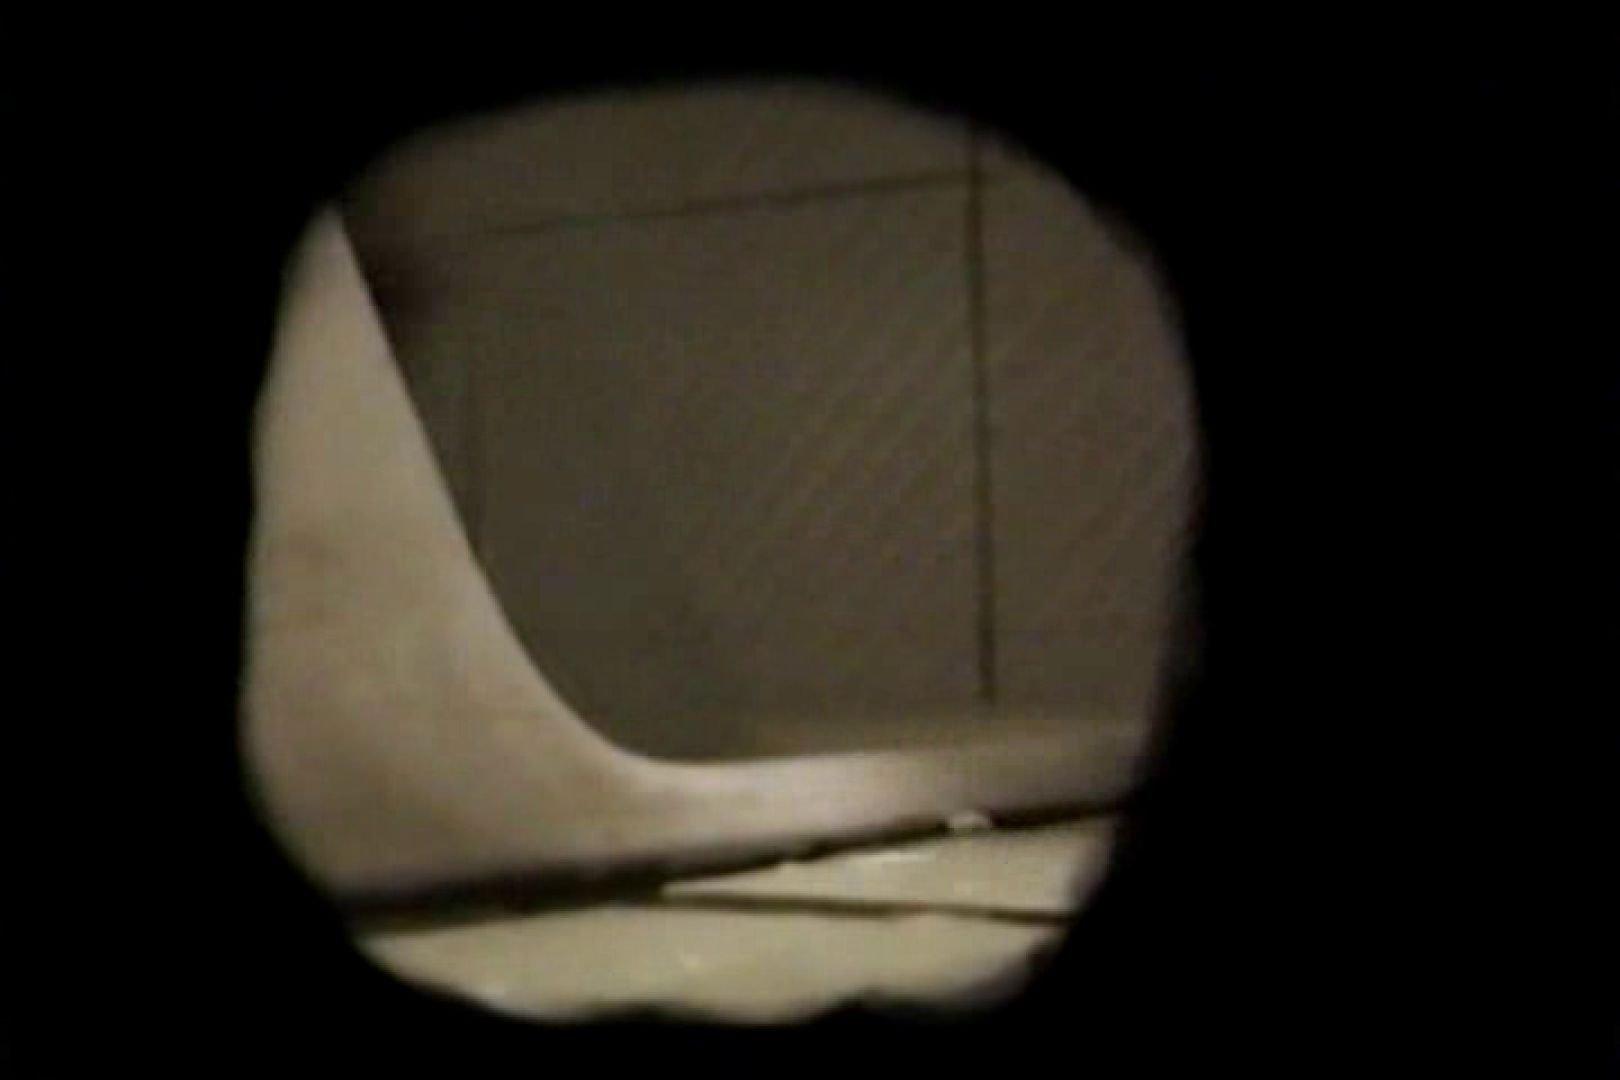 盗撮 女子洗面所3ヶ所入ってしゃがんで音出して プライベート   和式  109連発 61